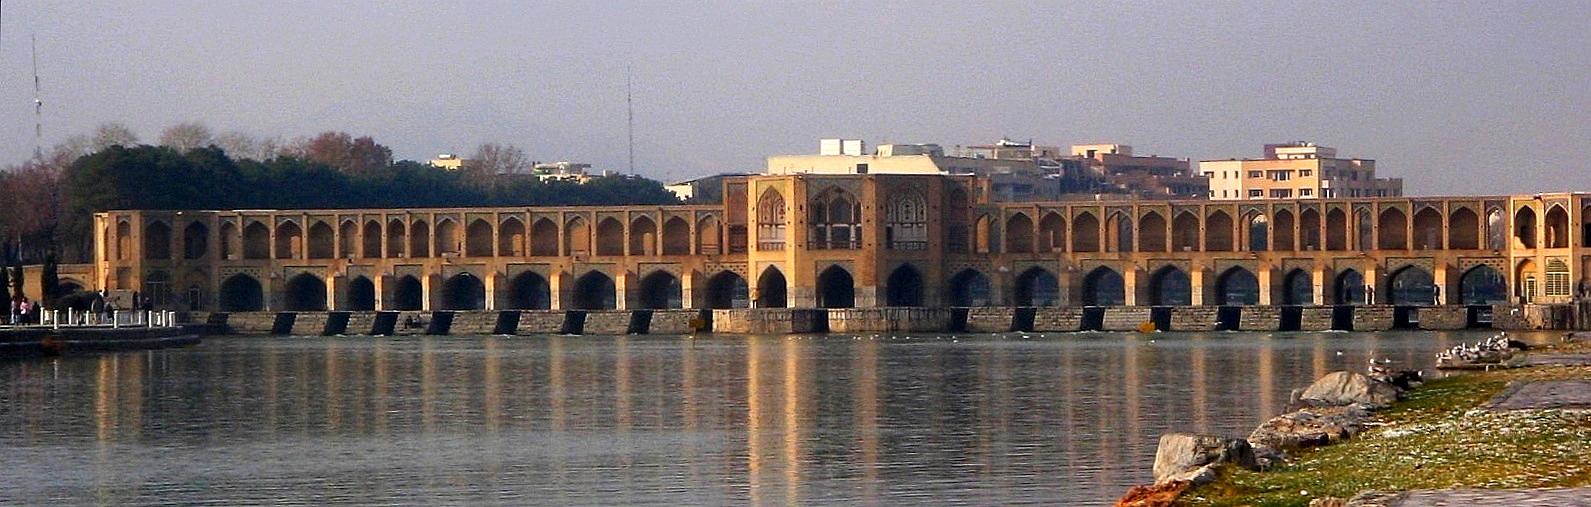 Arhitektura koja spaja ljude - Mostovi Khaju_Bridge